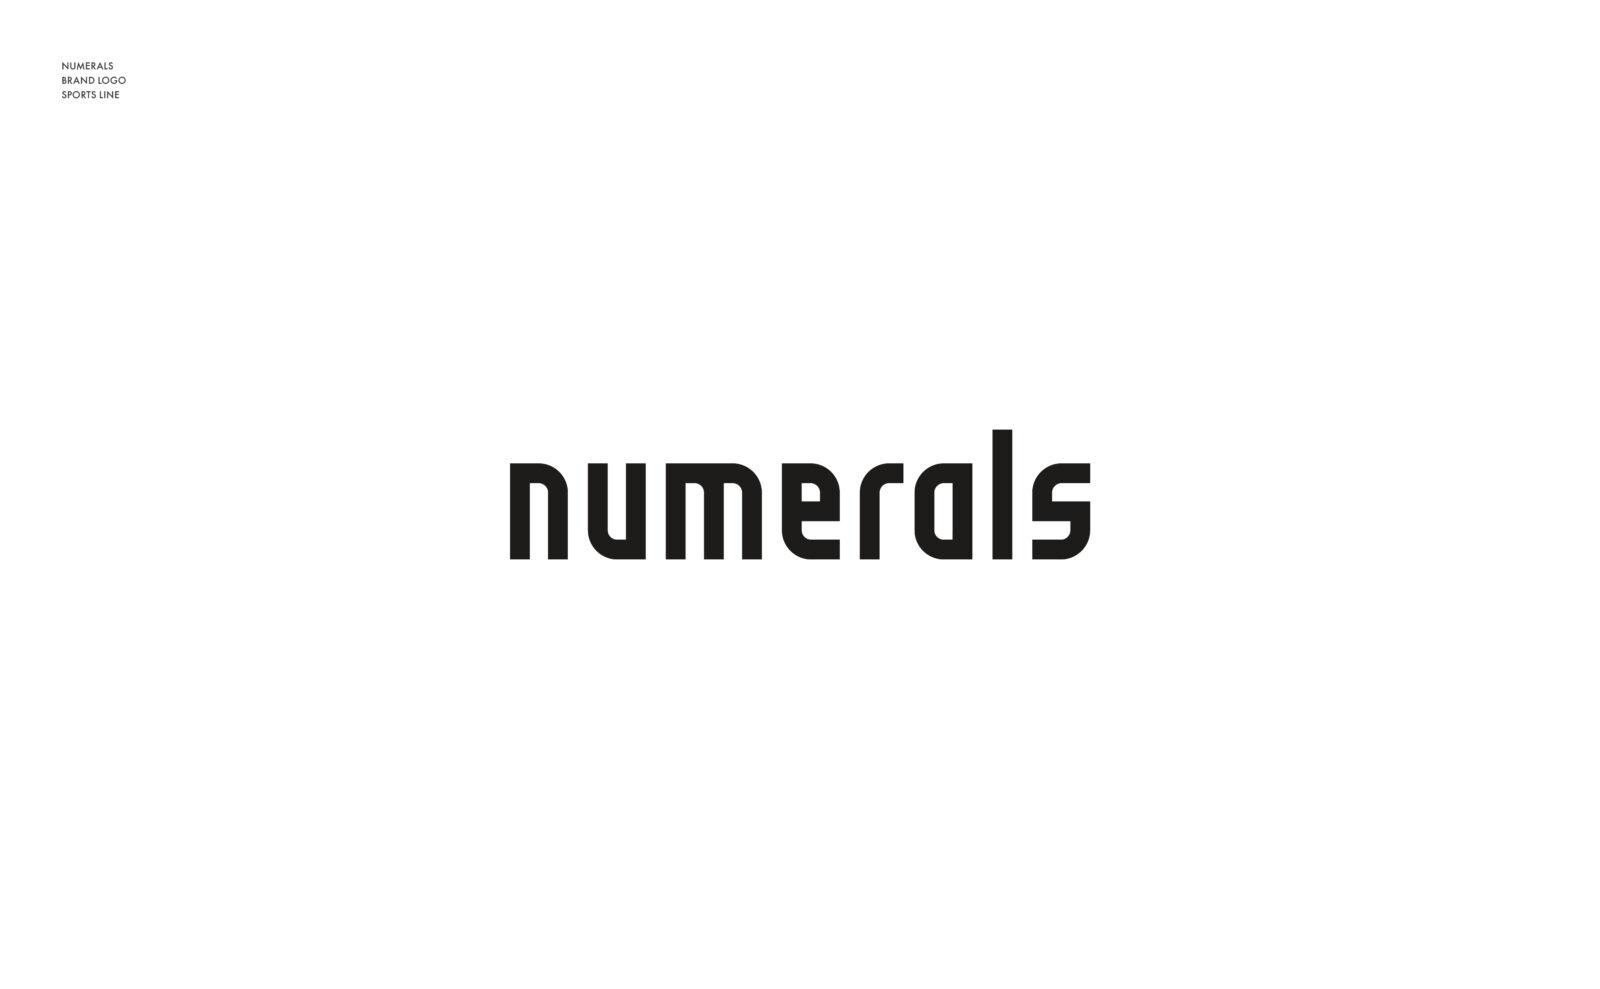 NUMERALS__-8